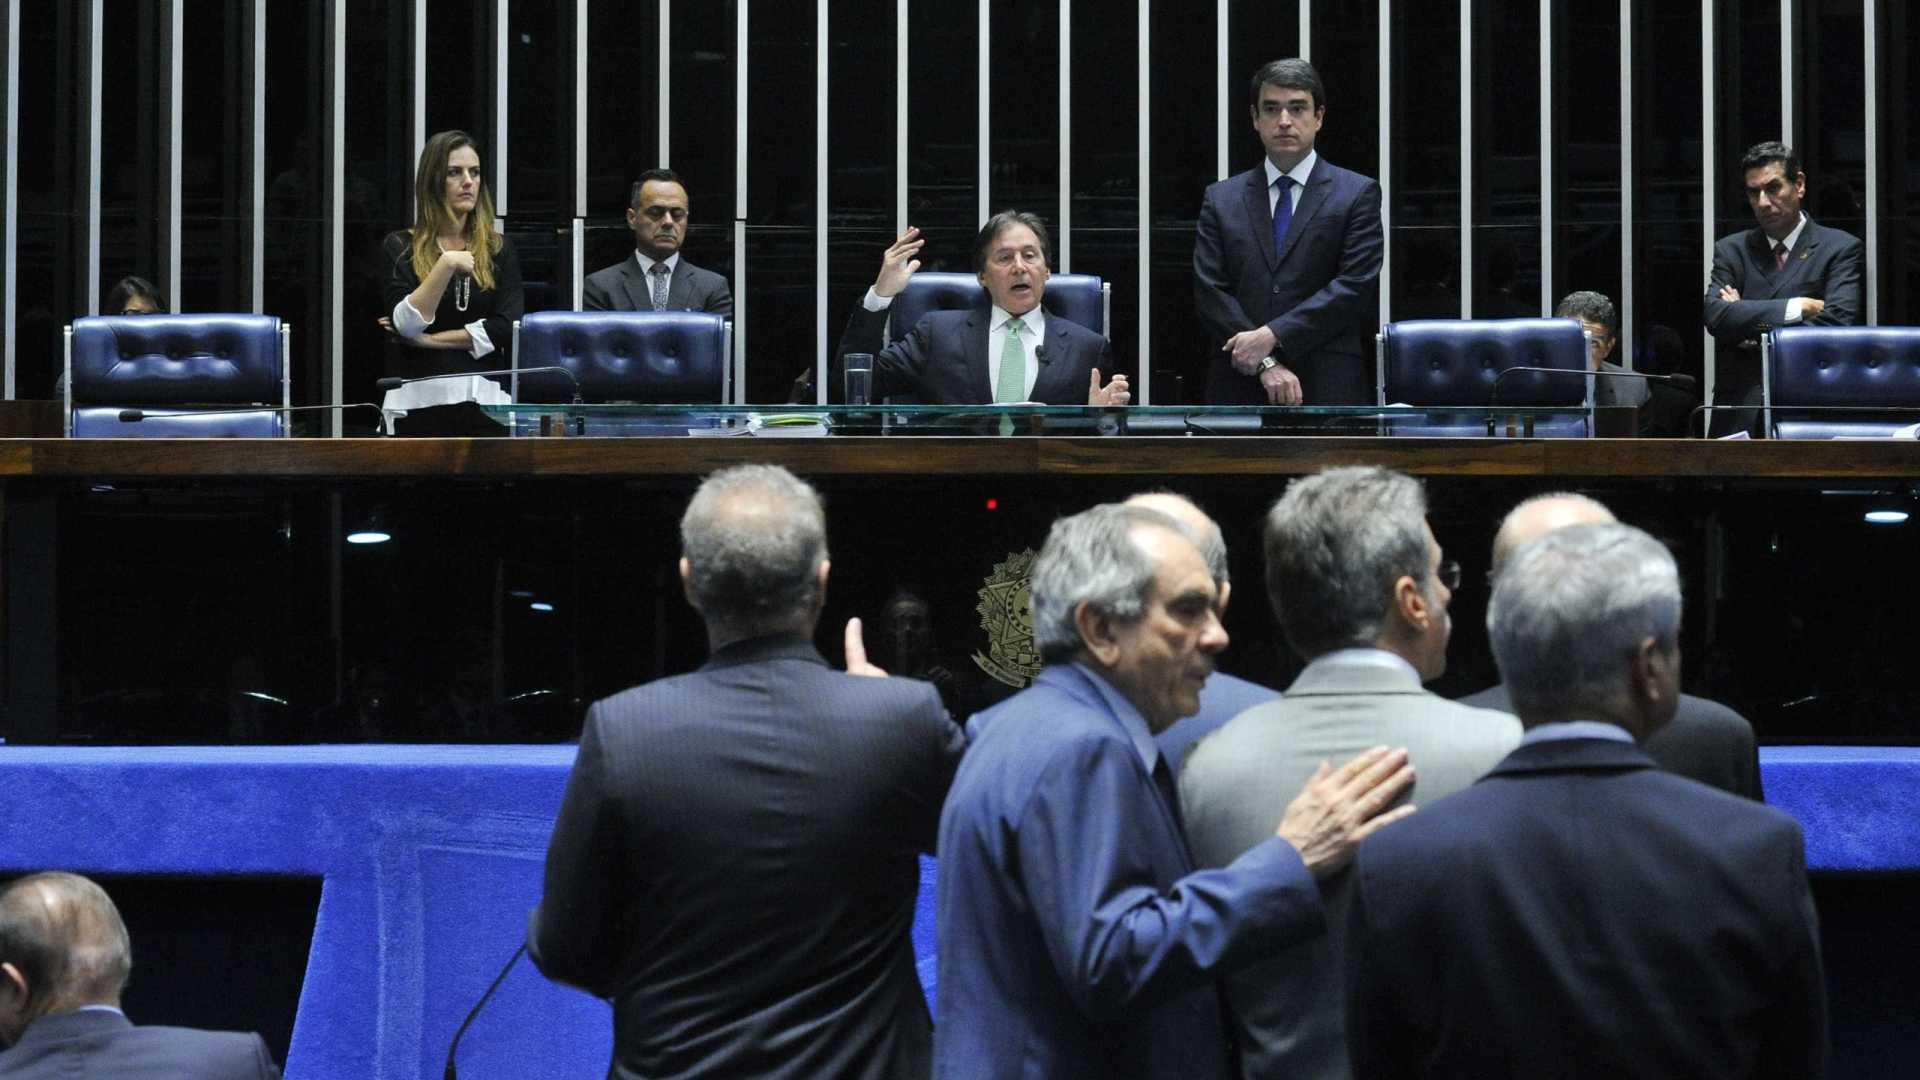 Senadores aprovam pedido para que plenário revise decisão do STF sobre Aécio